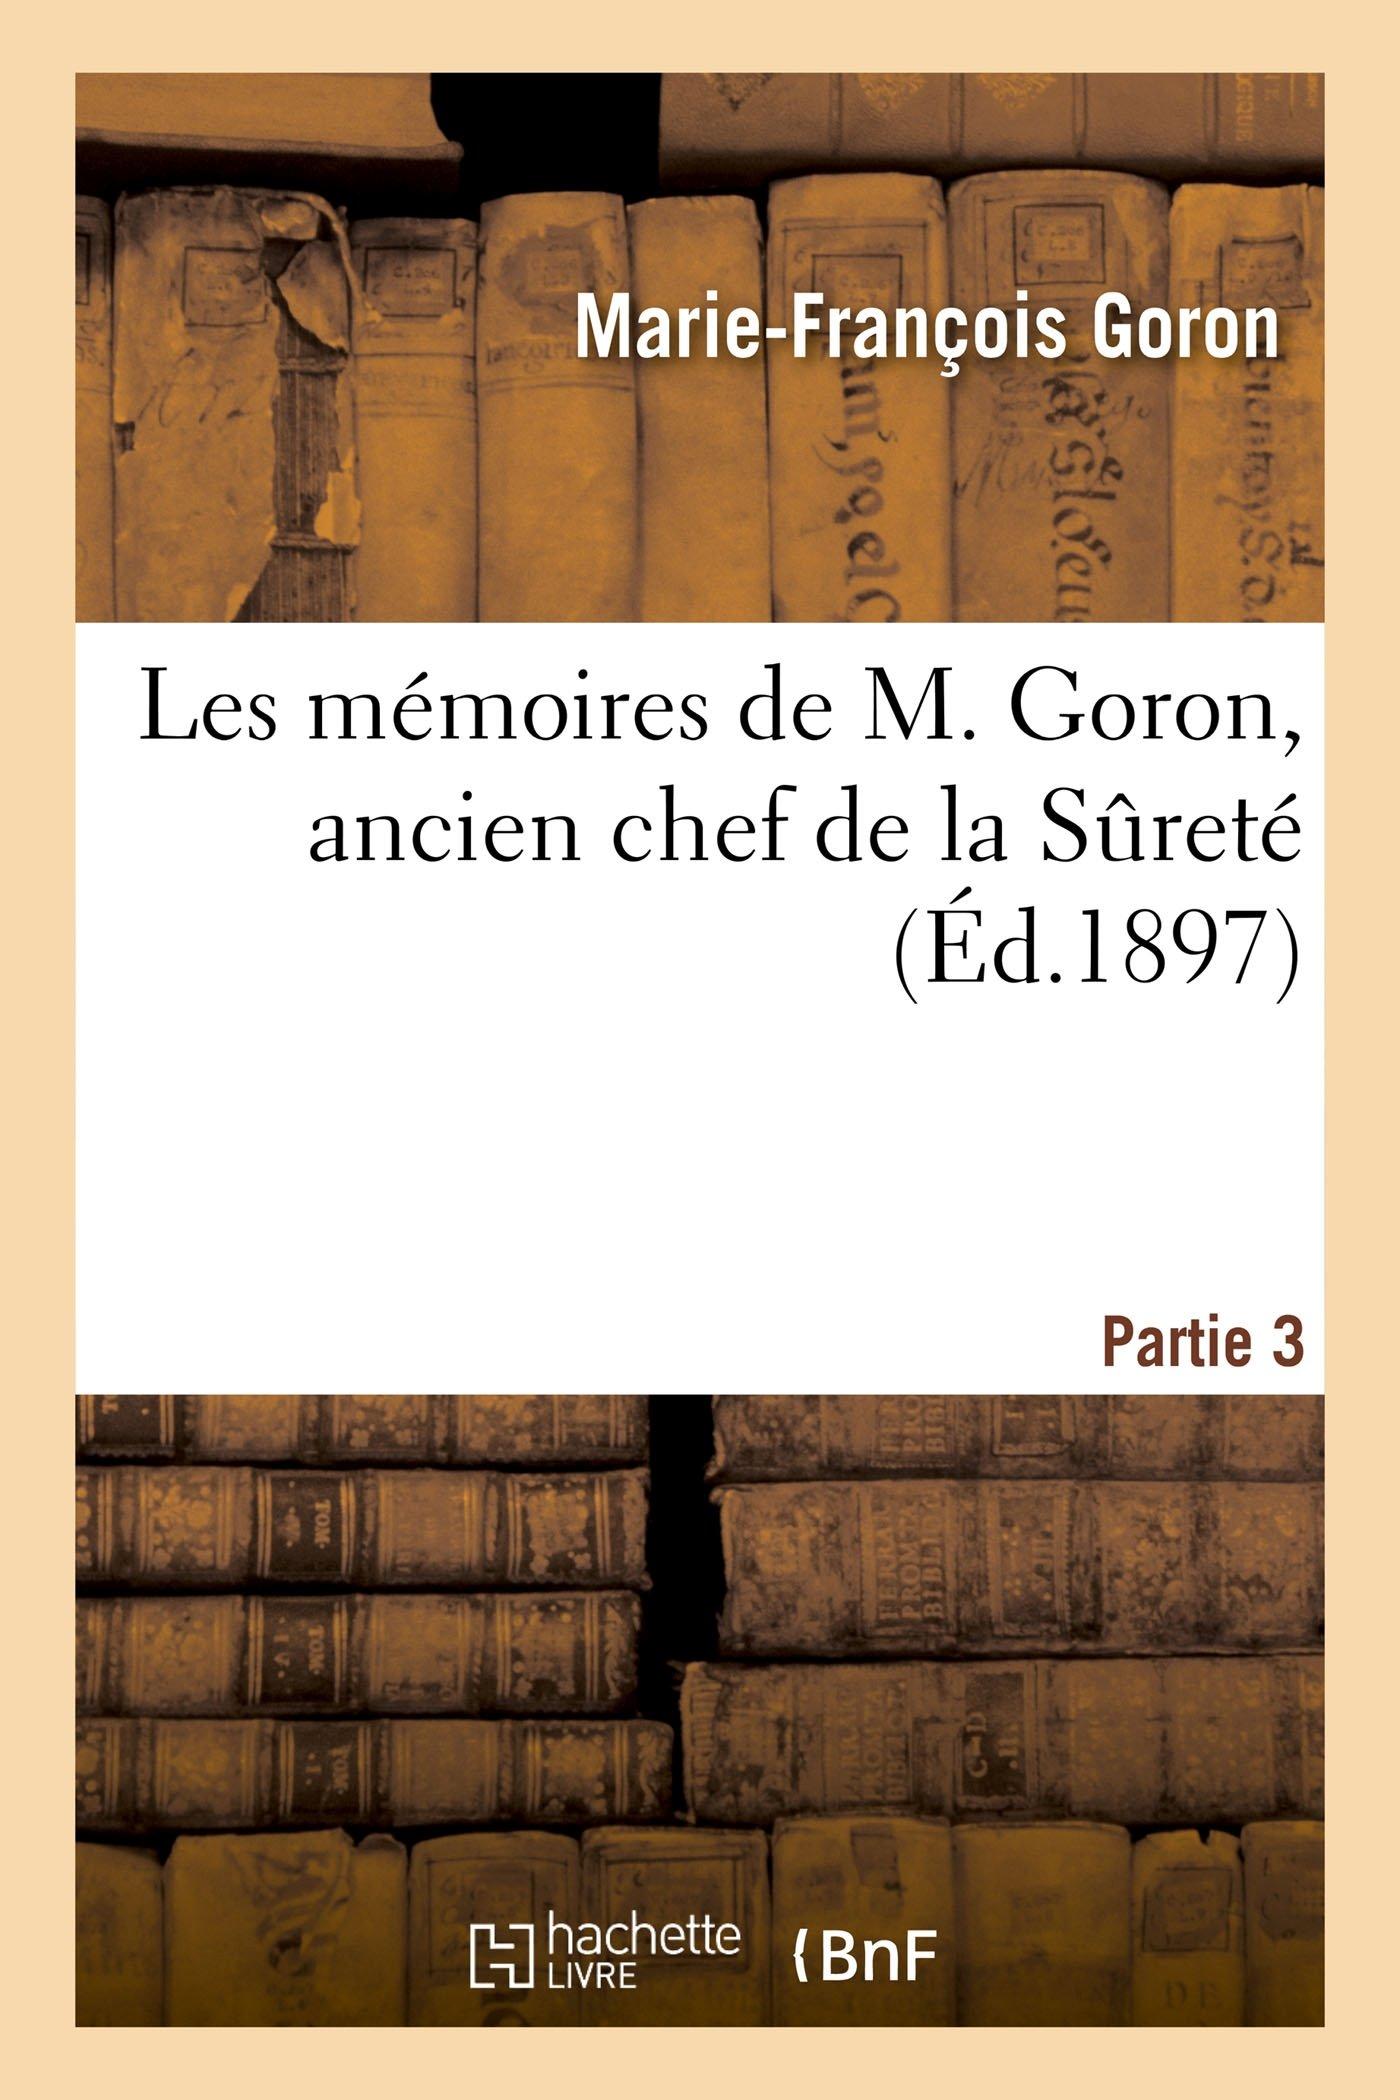 Les Mémoires d'Une Ancien Chef de la Sureté. Partie 3 (Histoire) (French Edition) pdf epub